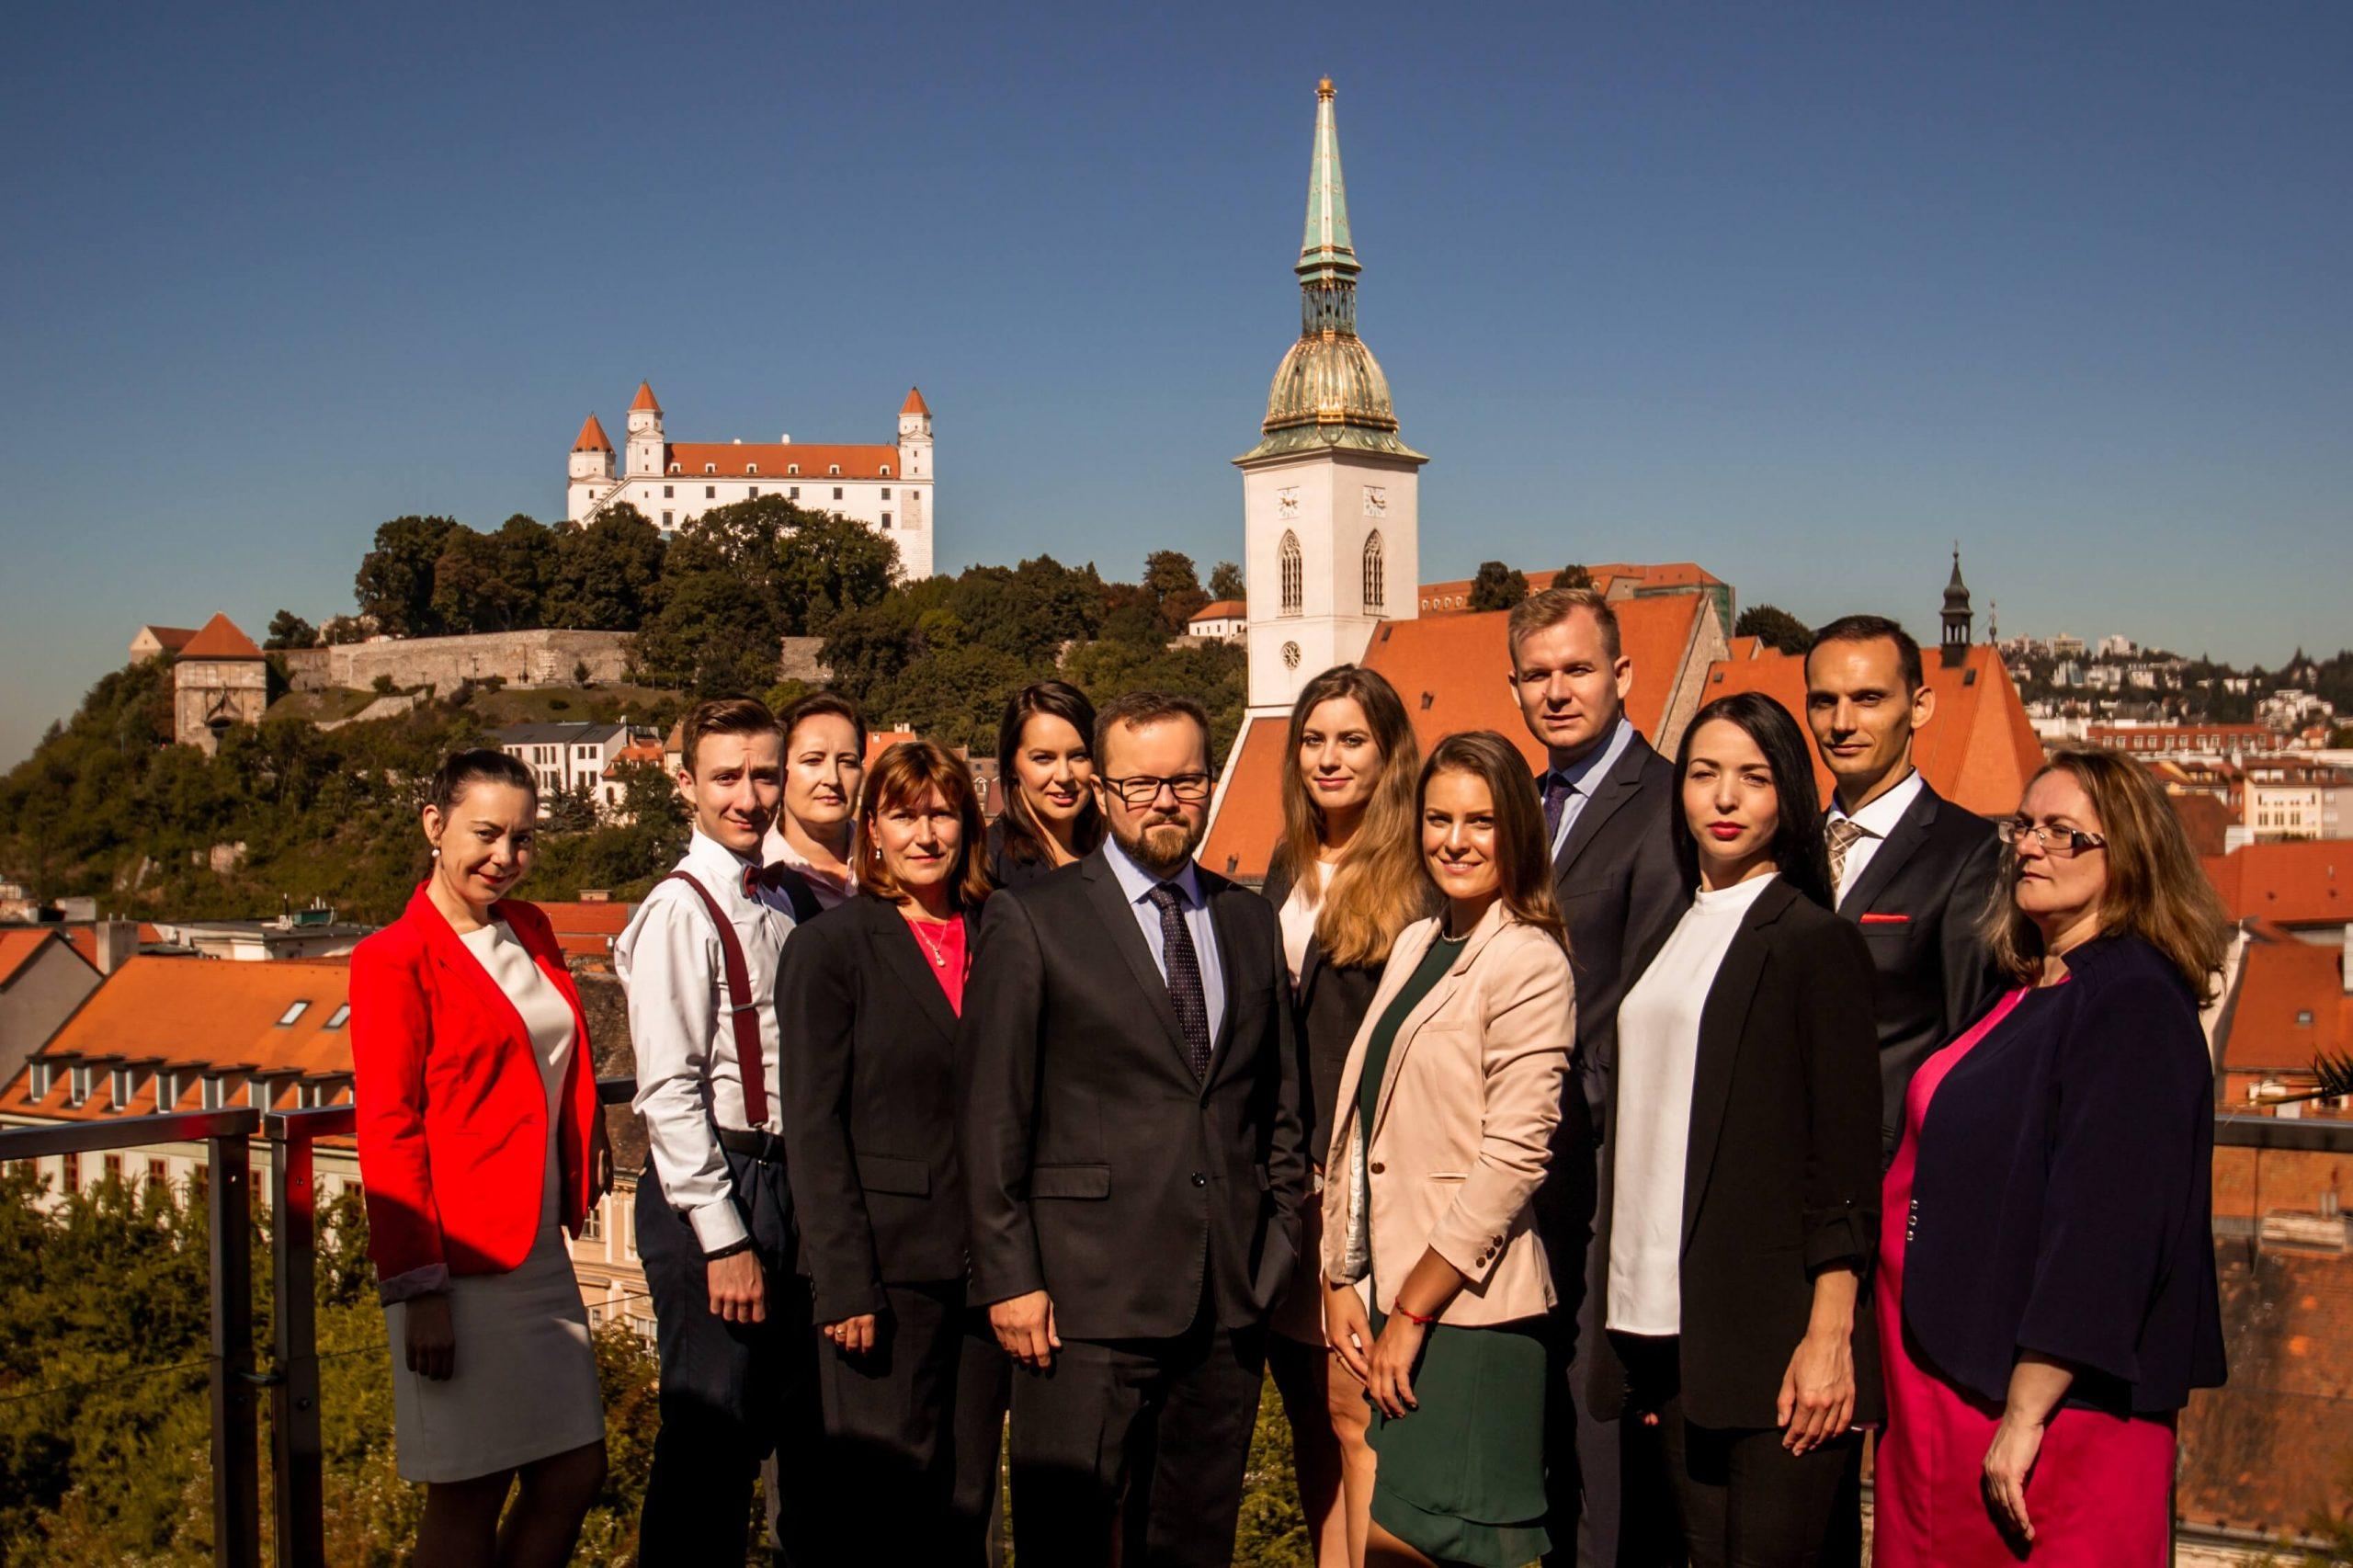 tím účtovníkov a daňových poradcov spoločnosti emineo partners